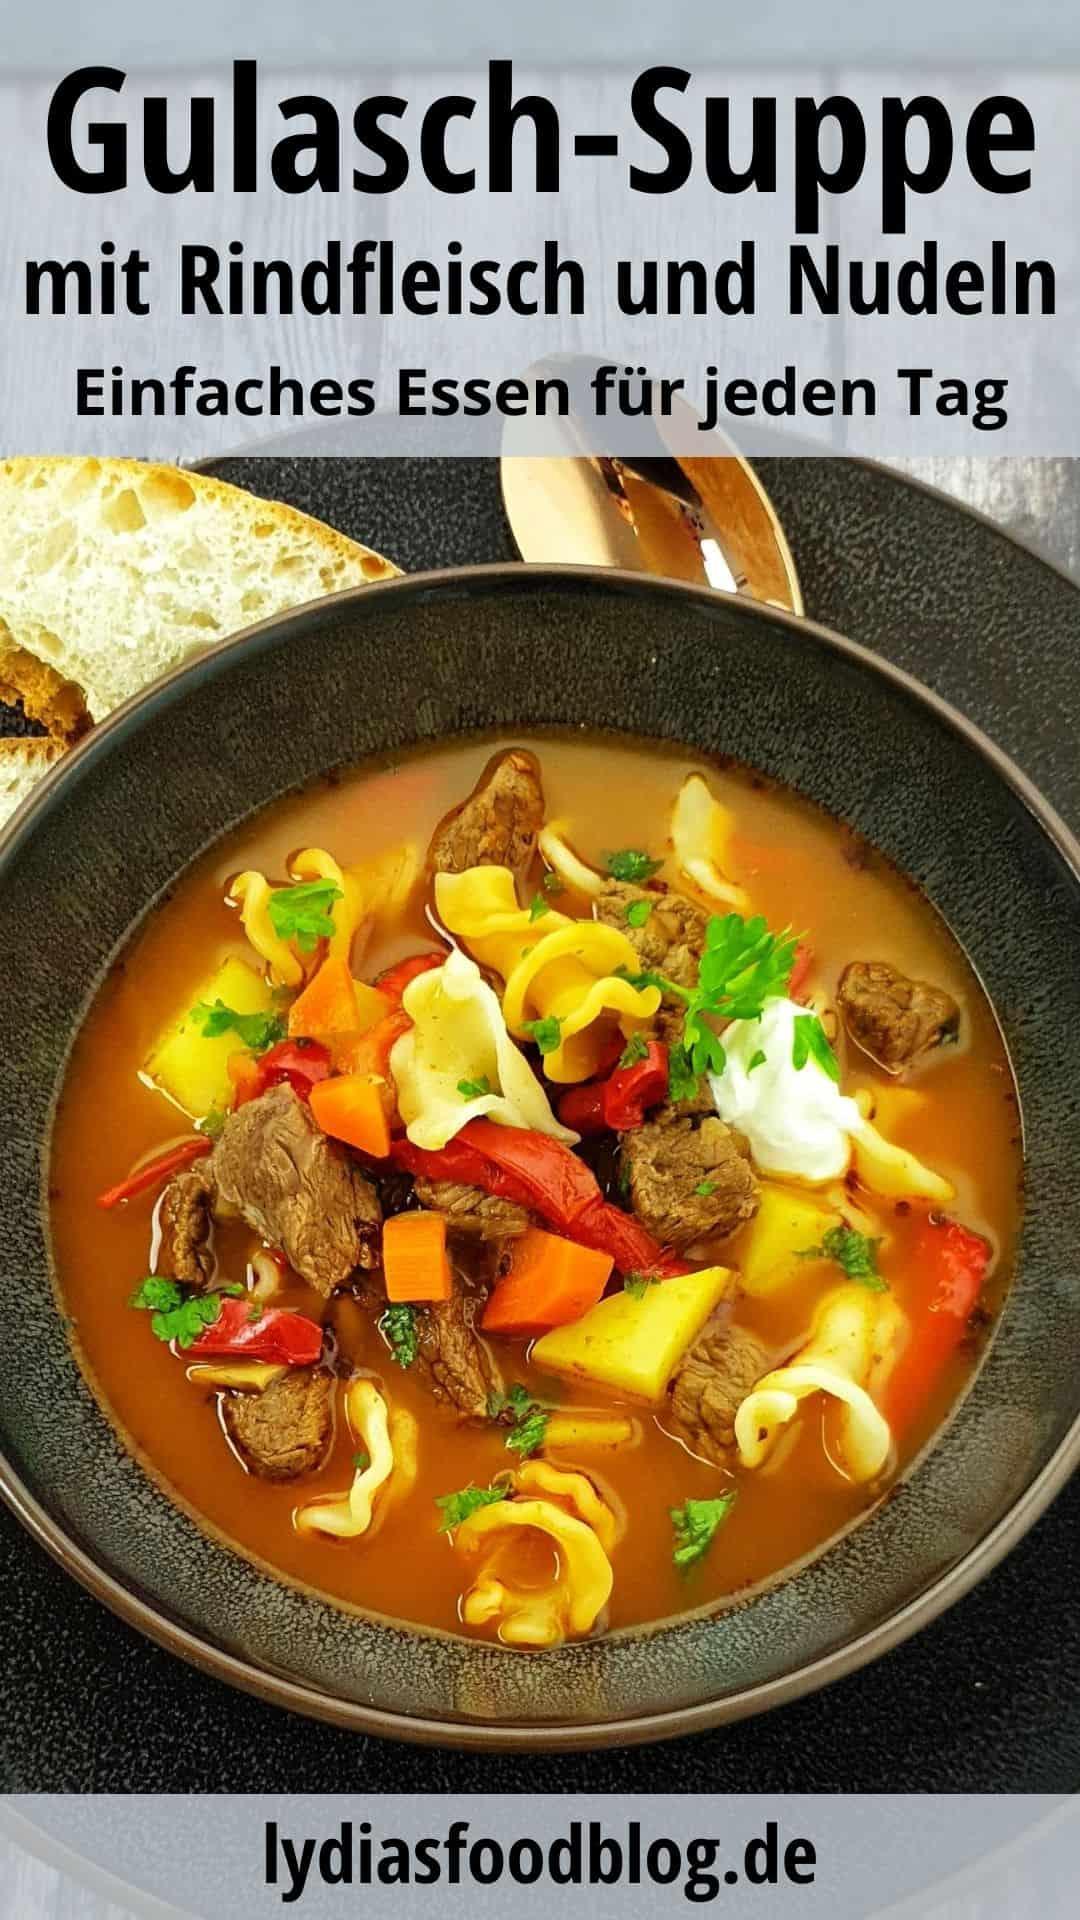 In einer braunen Schale eine Gulaschsuppe mit Rindfleisch, Garniert mit etwas Schmand und frischer Petersilie.